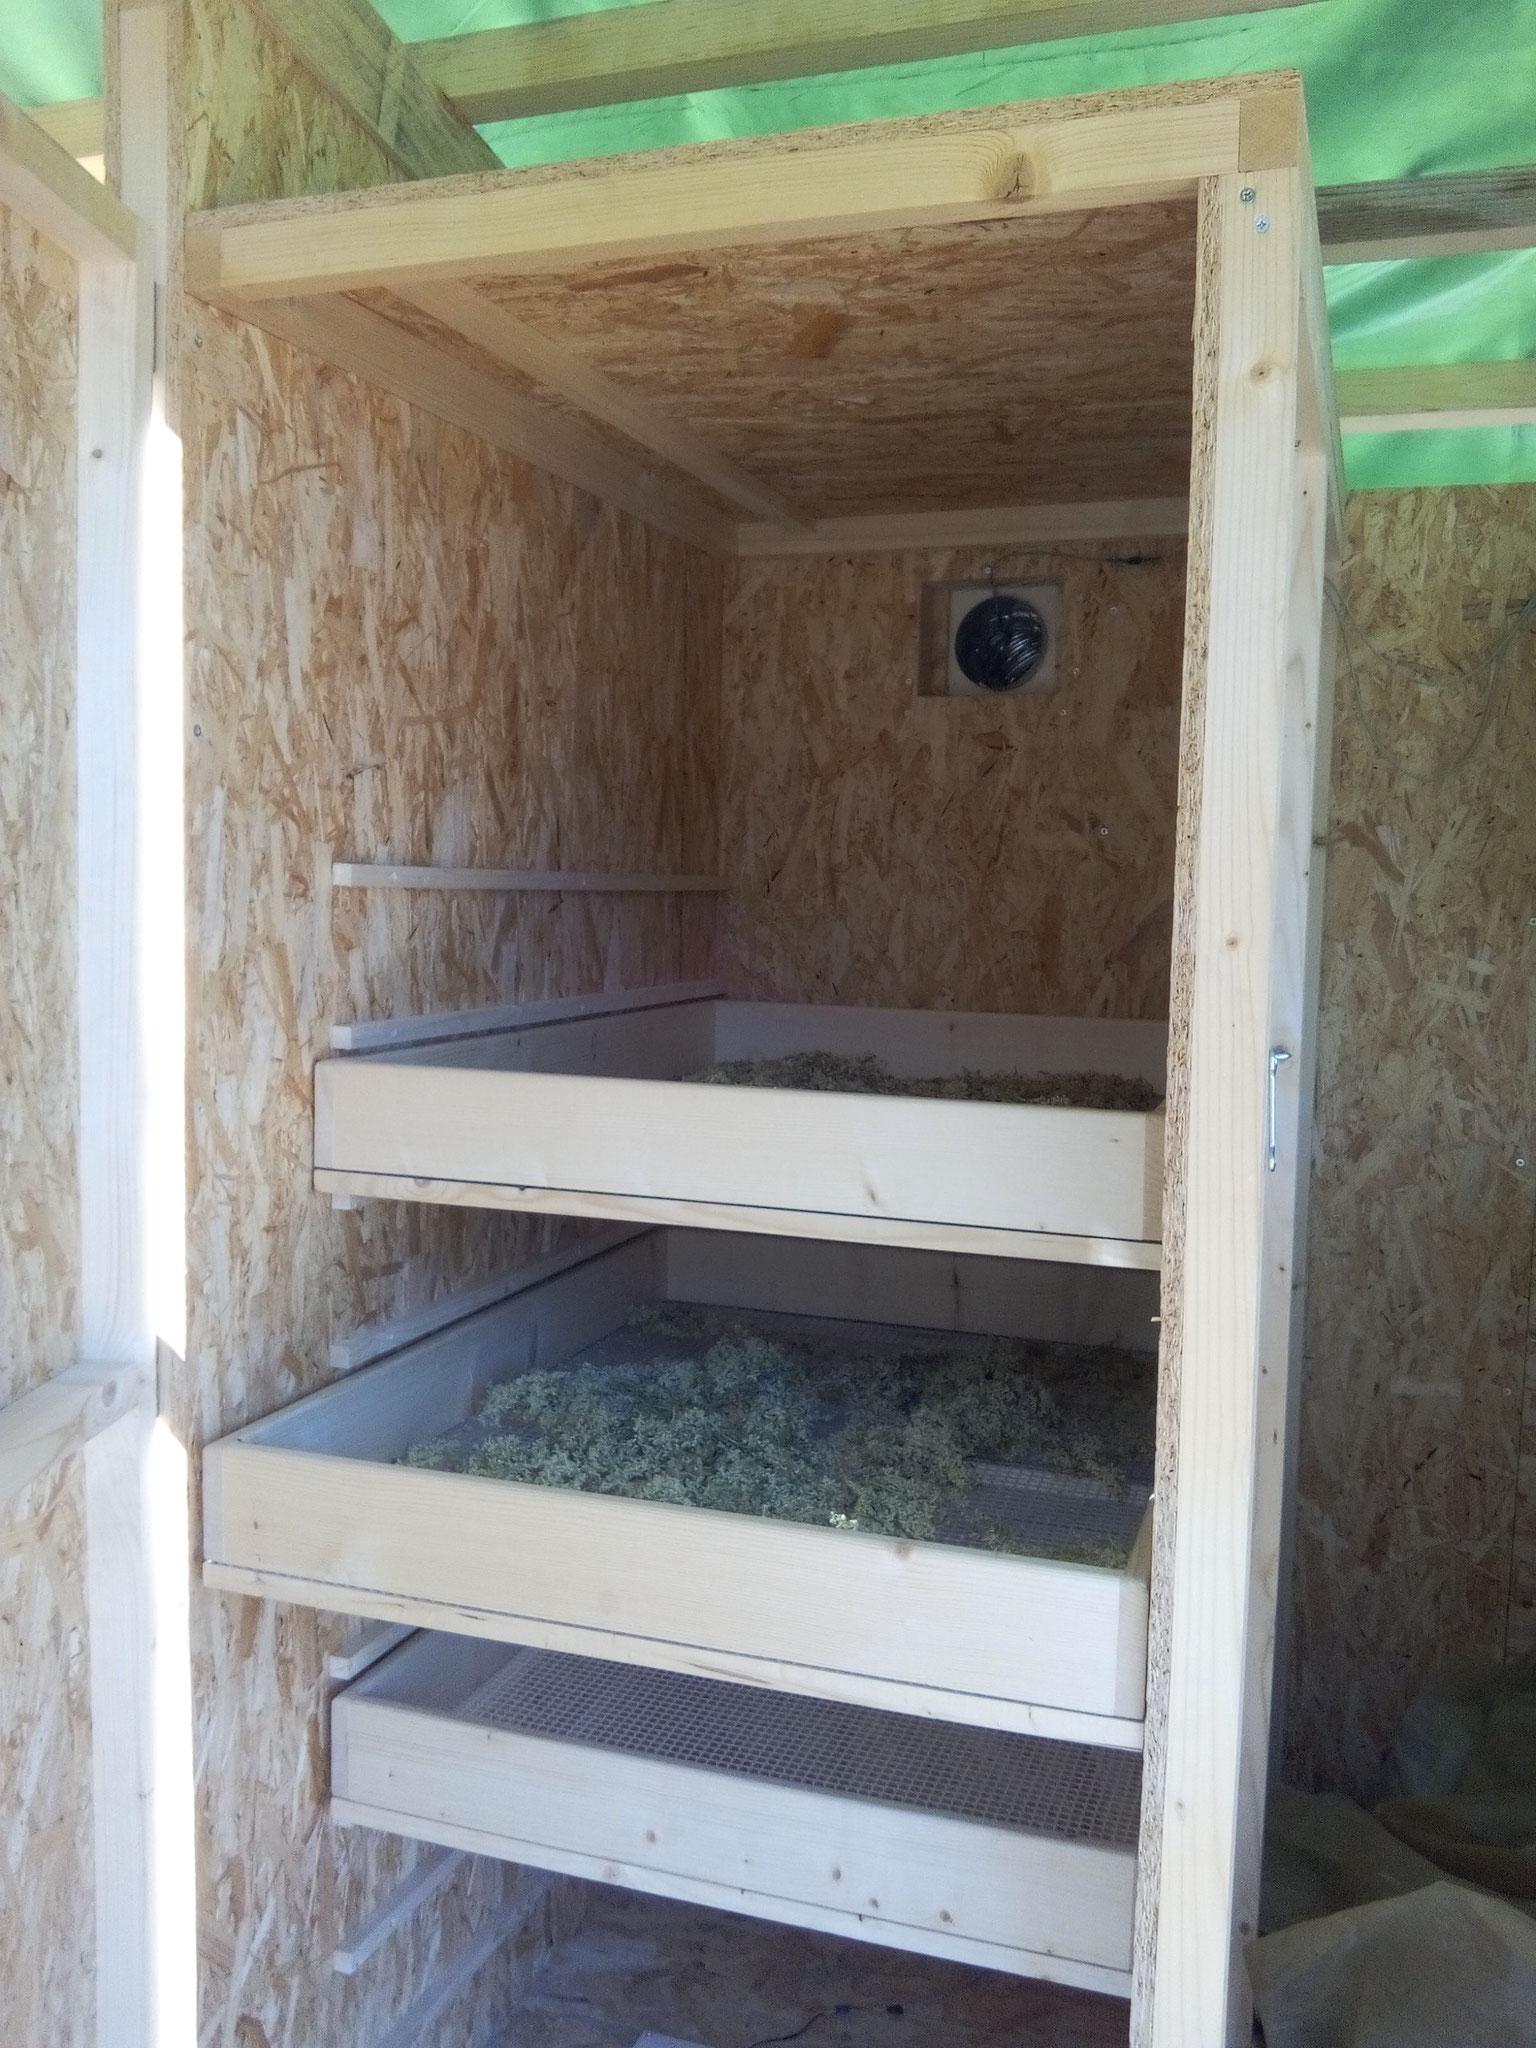 Séchoir solaire / vue intérieure d'une armoire